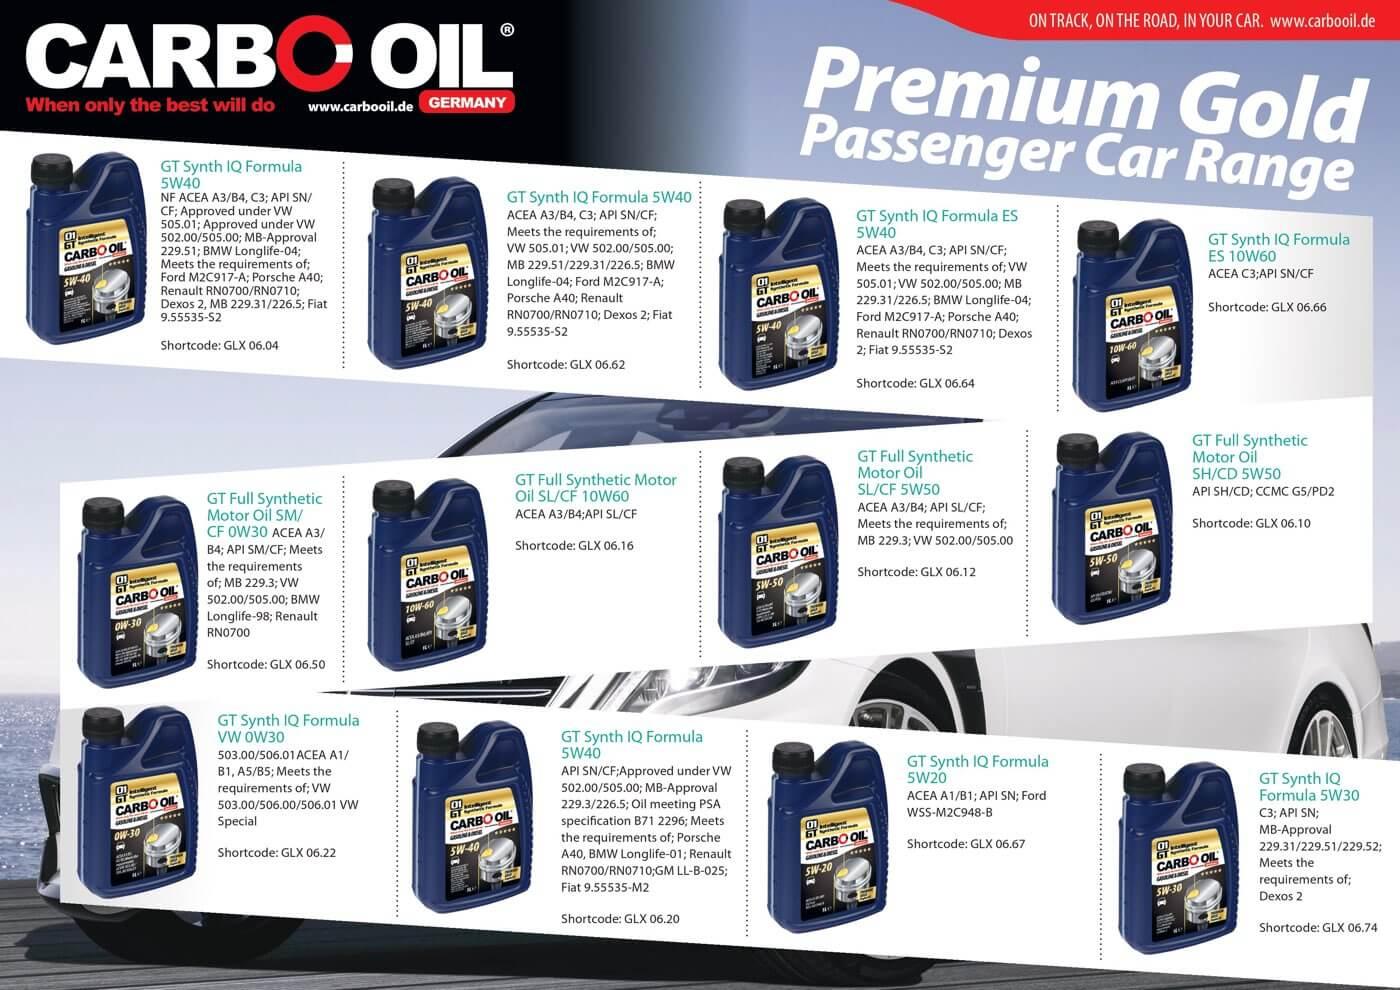 carbo oil premium gold range 3